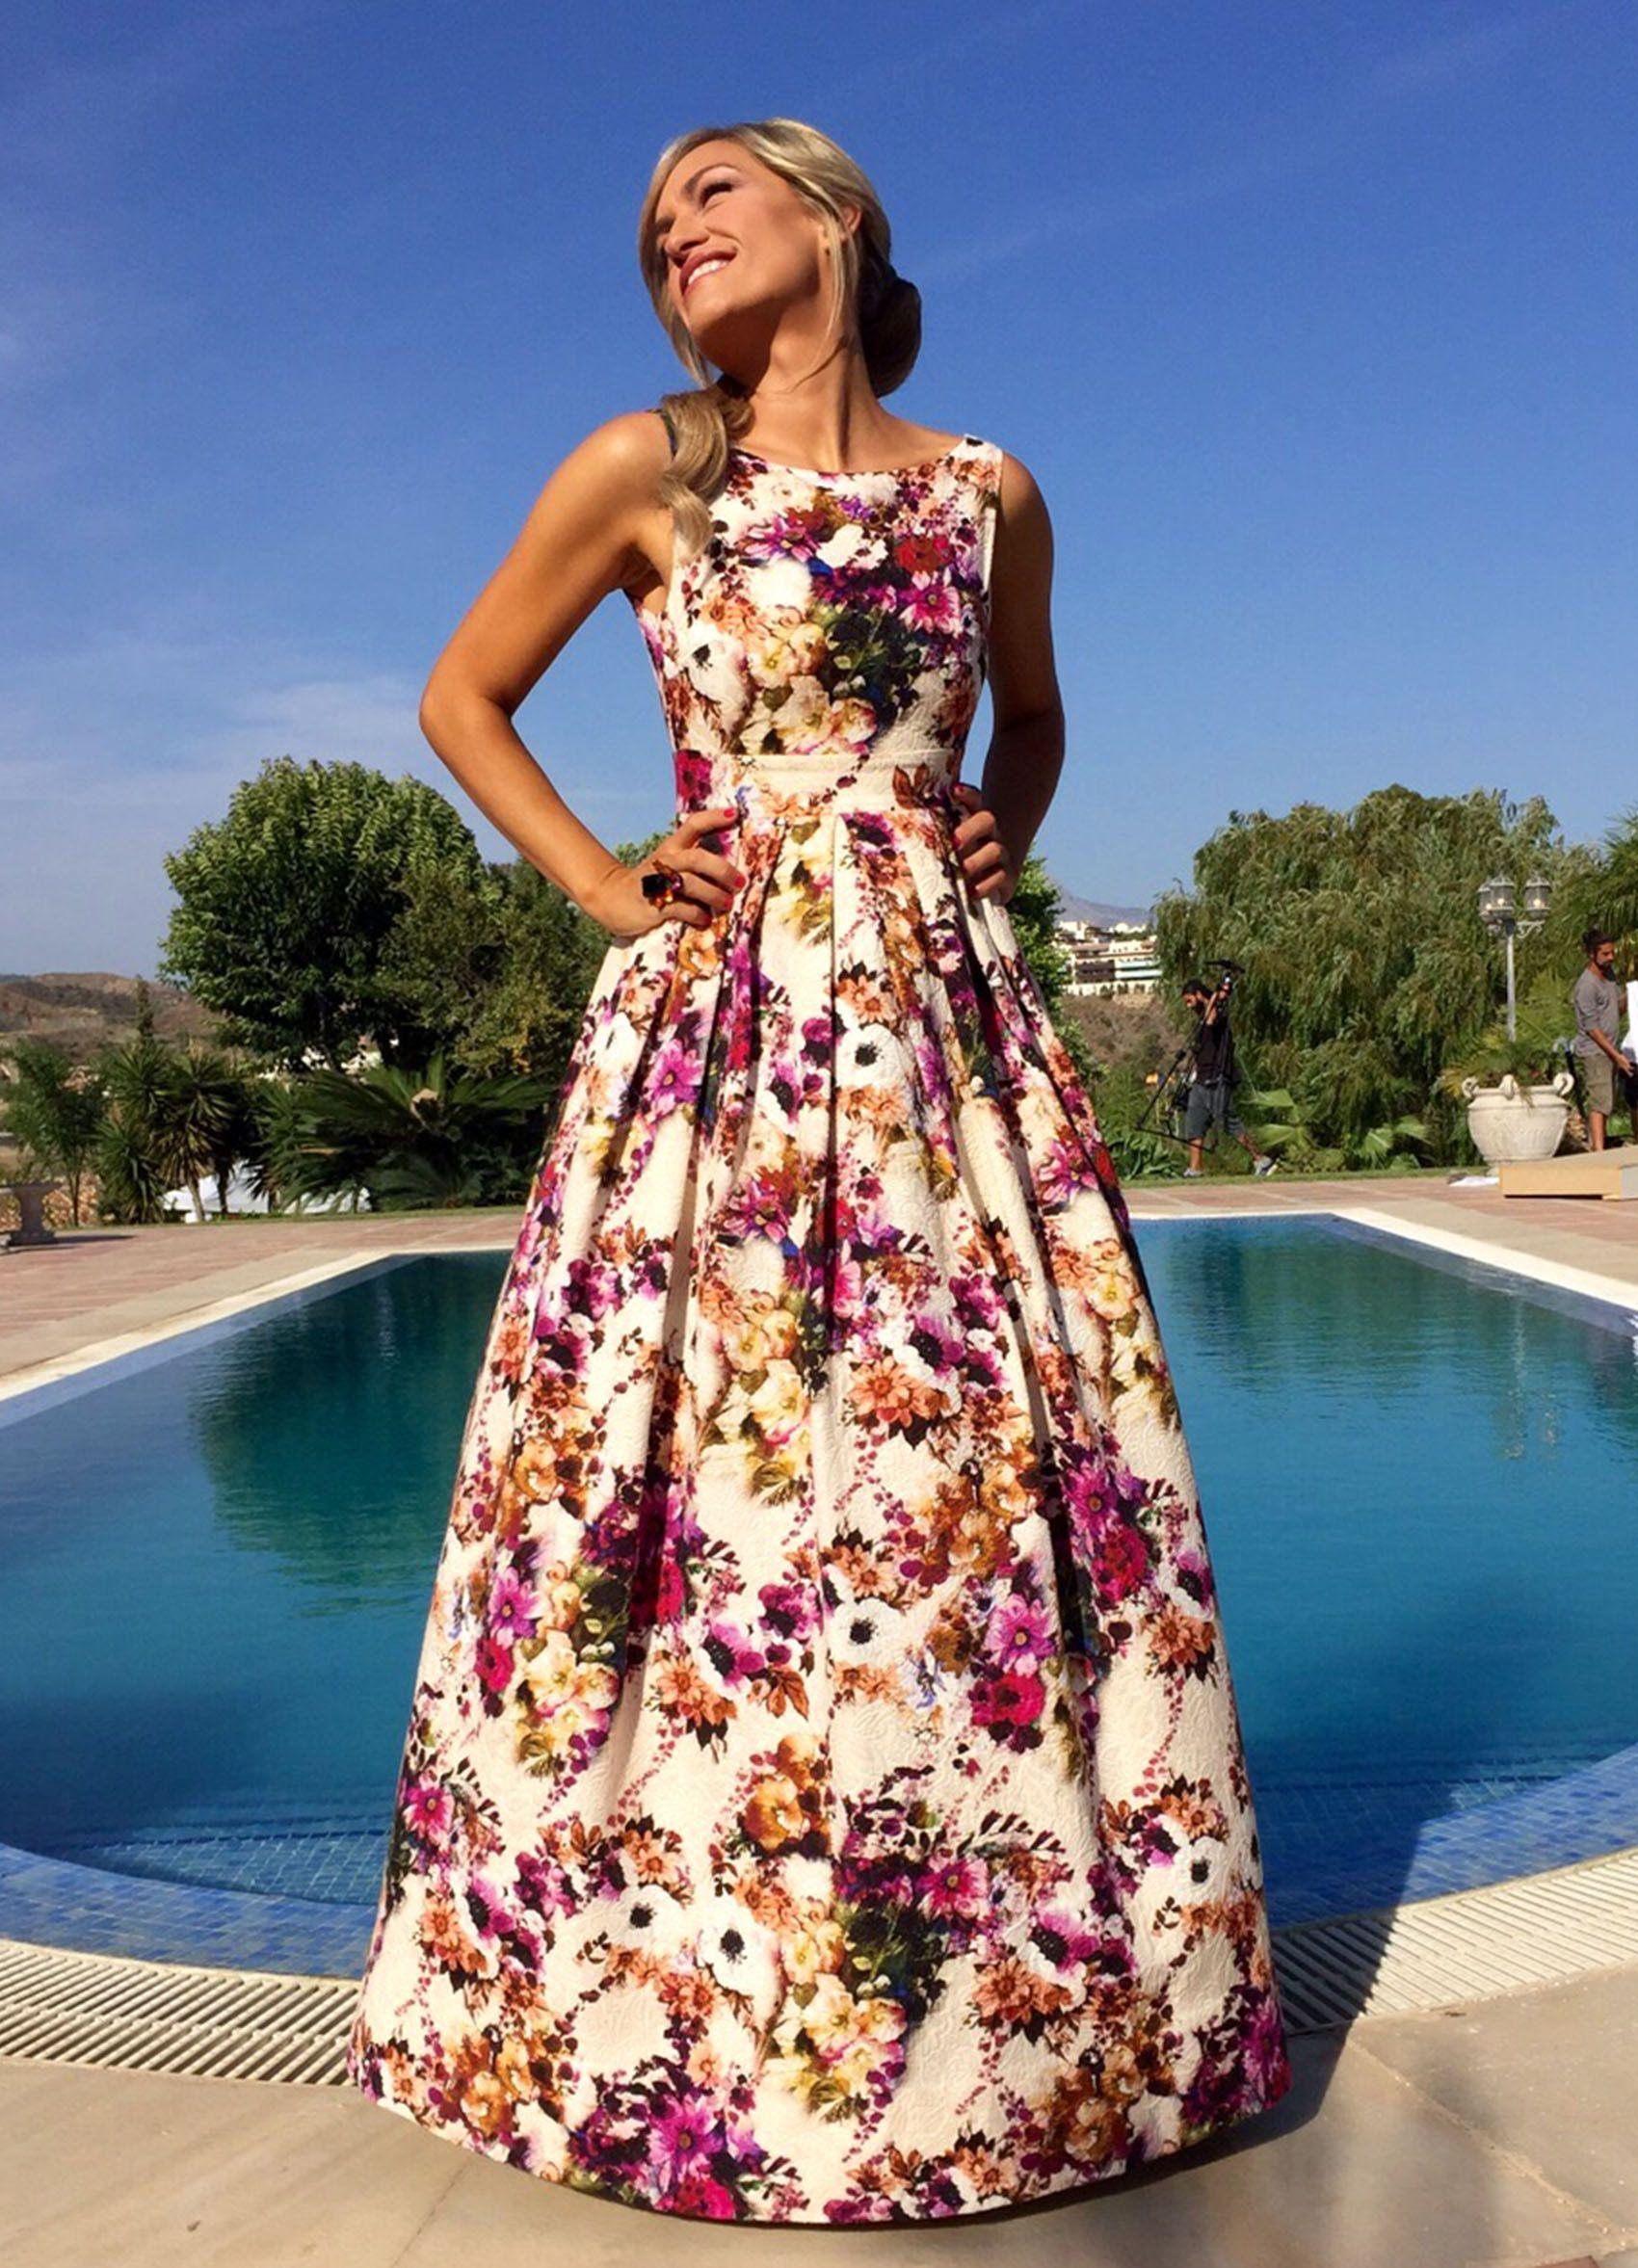 2ec1e10bd4b Imagenes Vestidos, Vestido Estampado Flores, Vestidos Floreados, Peinados,  Vestidos De Fiesta,